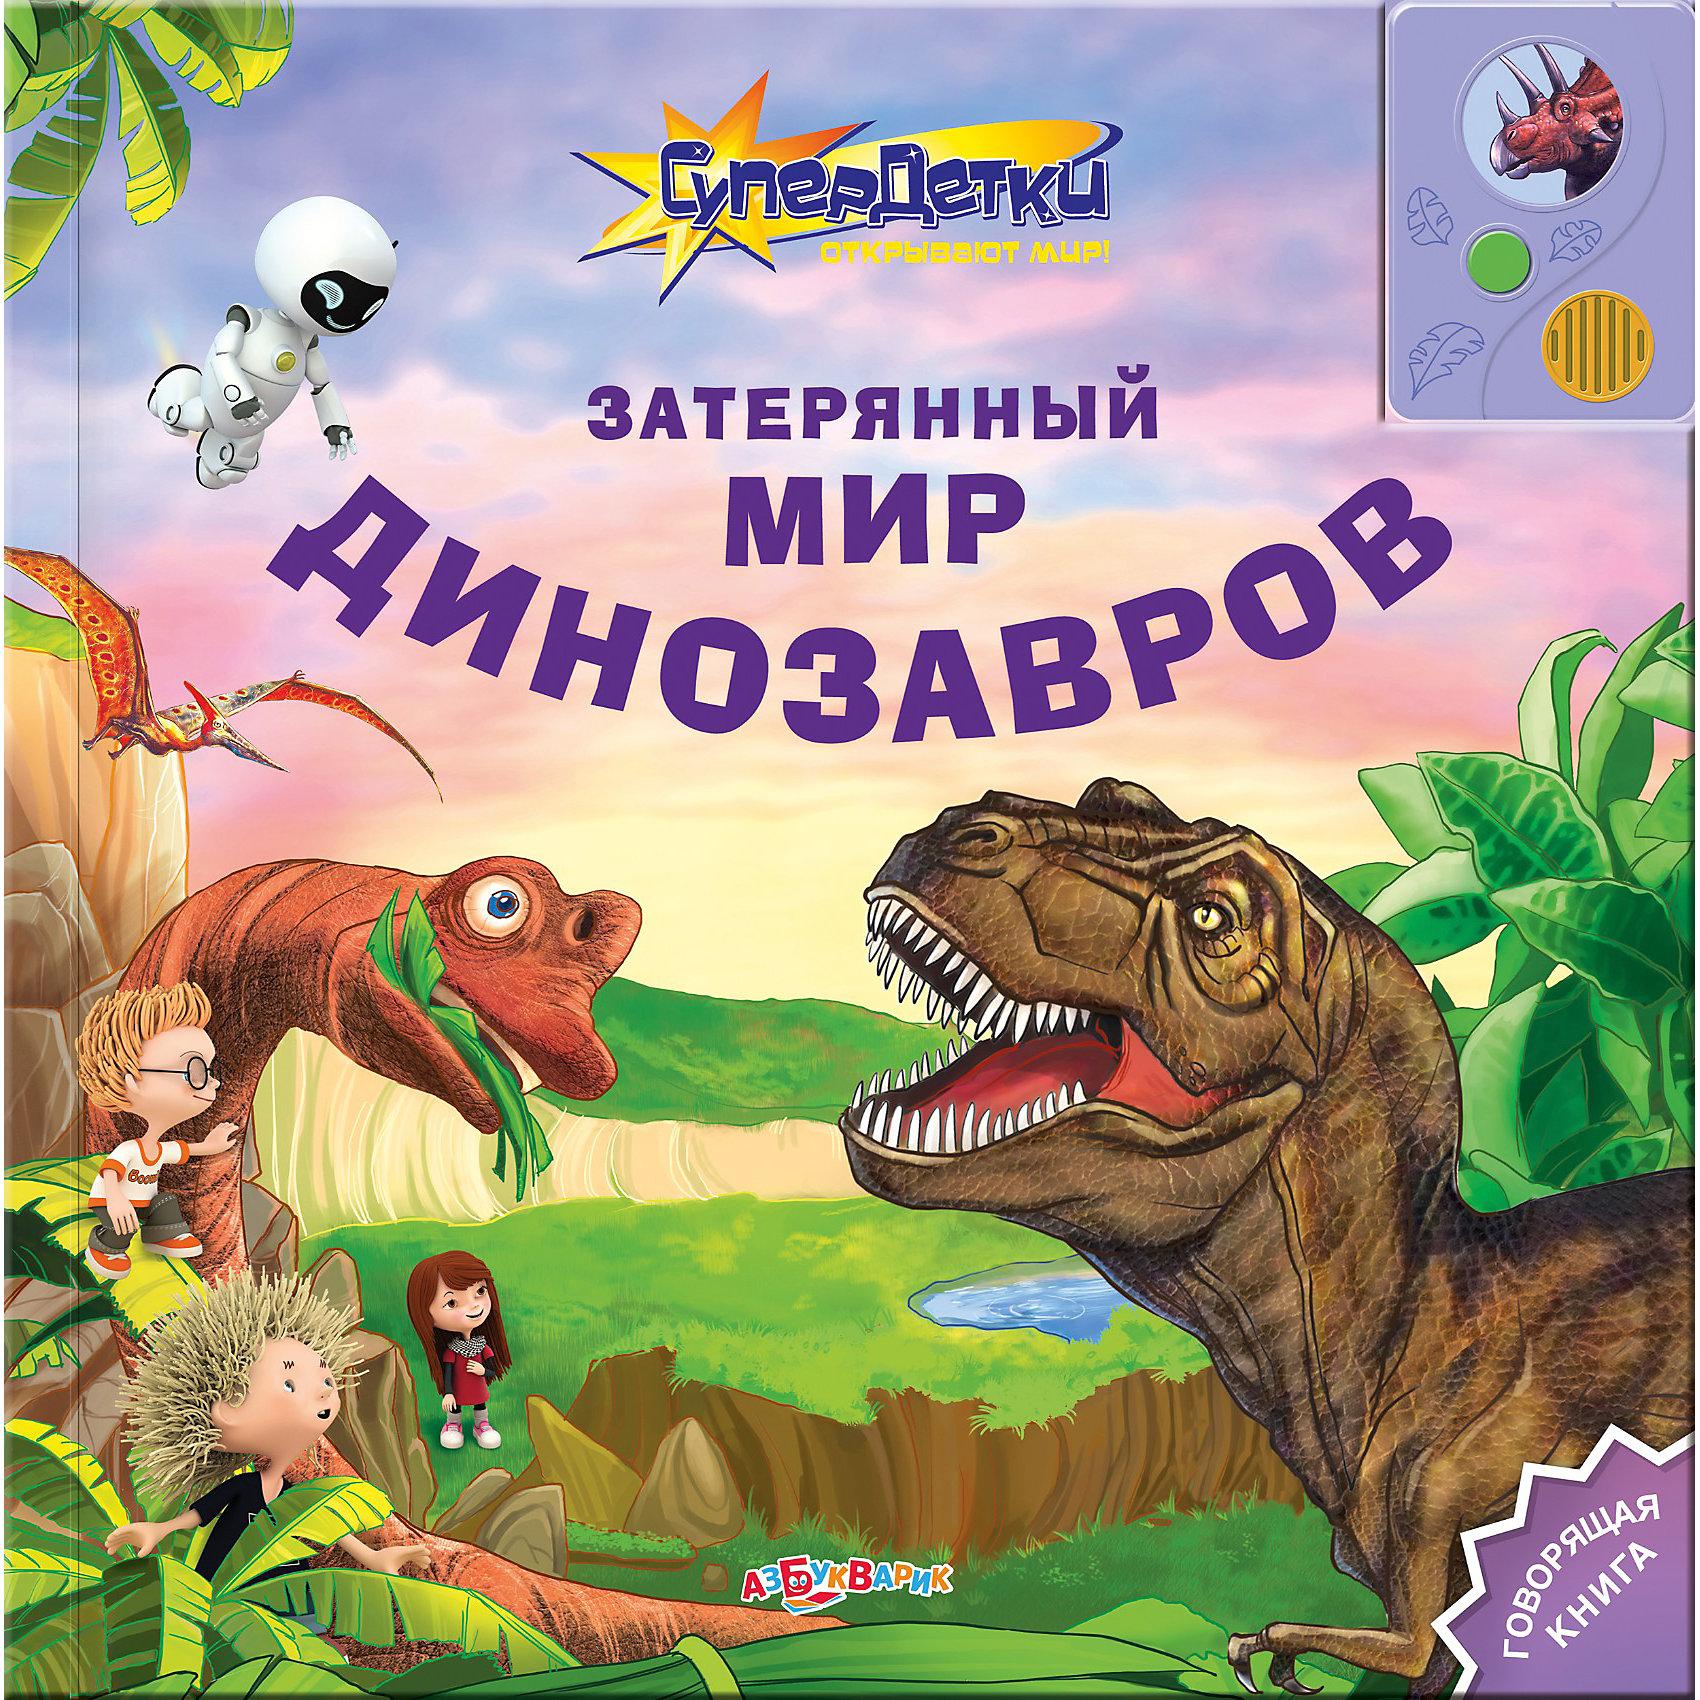 Книга с 1 кнопкой Затеряный мир динозавровЗатеряный мир динозавров, серия Супердетки открывают мир, Азбукварик – замечательная говорящая книга с яркими и красочными иллюстрациями.<br>Открывай книгу и слушай увлекательные истории о приключениях Супердеток: непоседы Макса, всезнайки Джуниора, умницы Лолы и робота Доки, в древнем мире! Стань их новым другом! Тебя ждёт знакомство с гигантским брахиозавром, свирепым тираннозавром, крылатым птеродактилем и другими удивительными динозаврами. Книга говорит при перелистывании страничек.<br><br>Дополнительная информация:<br><br>- Автор-составитель: Юлия Латушко<br>- Художники: Анна Башмакова и др.<br>- Издательство: Азбукварик<br>- Серия: Супердетки открывают мир<br>- Тип обложки: картонная обложка, картонные страницы <br>-  Оформление: со звуковым модулем<br>- Количество страниц: 12<br>- Иллюстрации: цветные<br>- Батарейки: 3 шт. типа AG13/LR44 (в комплект входят демонстрационные)<br>- Размер: 261х261 мм.<br>- Вес: 575 гр.<br><br>Книга «Затерянный мир динозавров», серия Супердетки открывают мир, Азбукварик адресована детям дошкольного возраста и предназначена для развития их познавательного интереса. Текст изложен доступным языком.<br><br>Книгу «Затерянный мир динозавров», серия Супердетки открывают мир, Азбукварик можно купить в нашем интернет-магазине.<br><br>Ширина мм: 260<br>Глубина мм: 15<br>Высота мм: 260<br>Вес г: 586<br>Возраст от месяцев: 48<br>Возраст до месяцев: 72<br>Пол: Унисекс<br>Возраст: Детский<br>SKU: 3734168